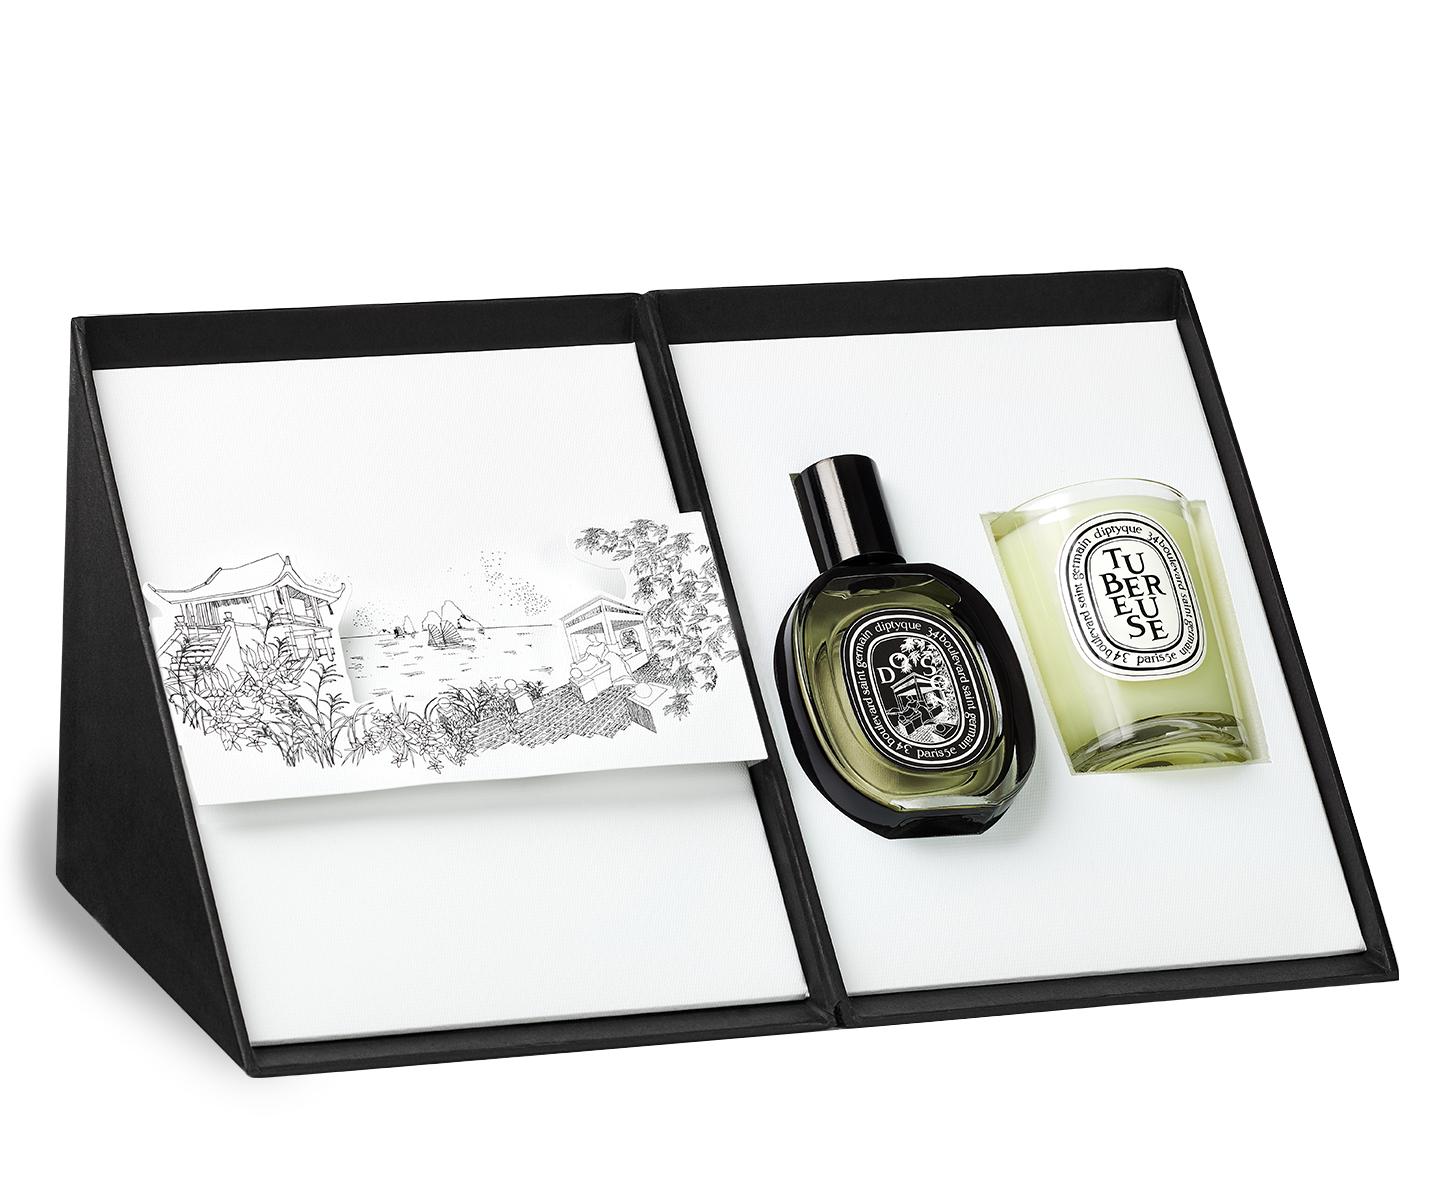 Do Son eau de Parfum and Tubéreuse / Tuberose candle gift set